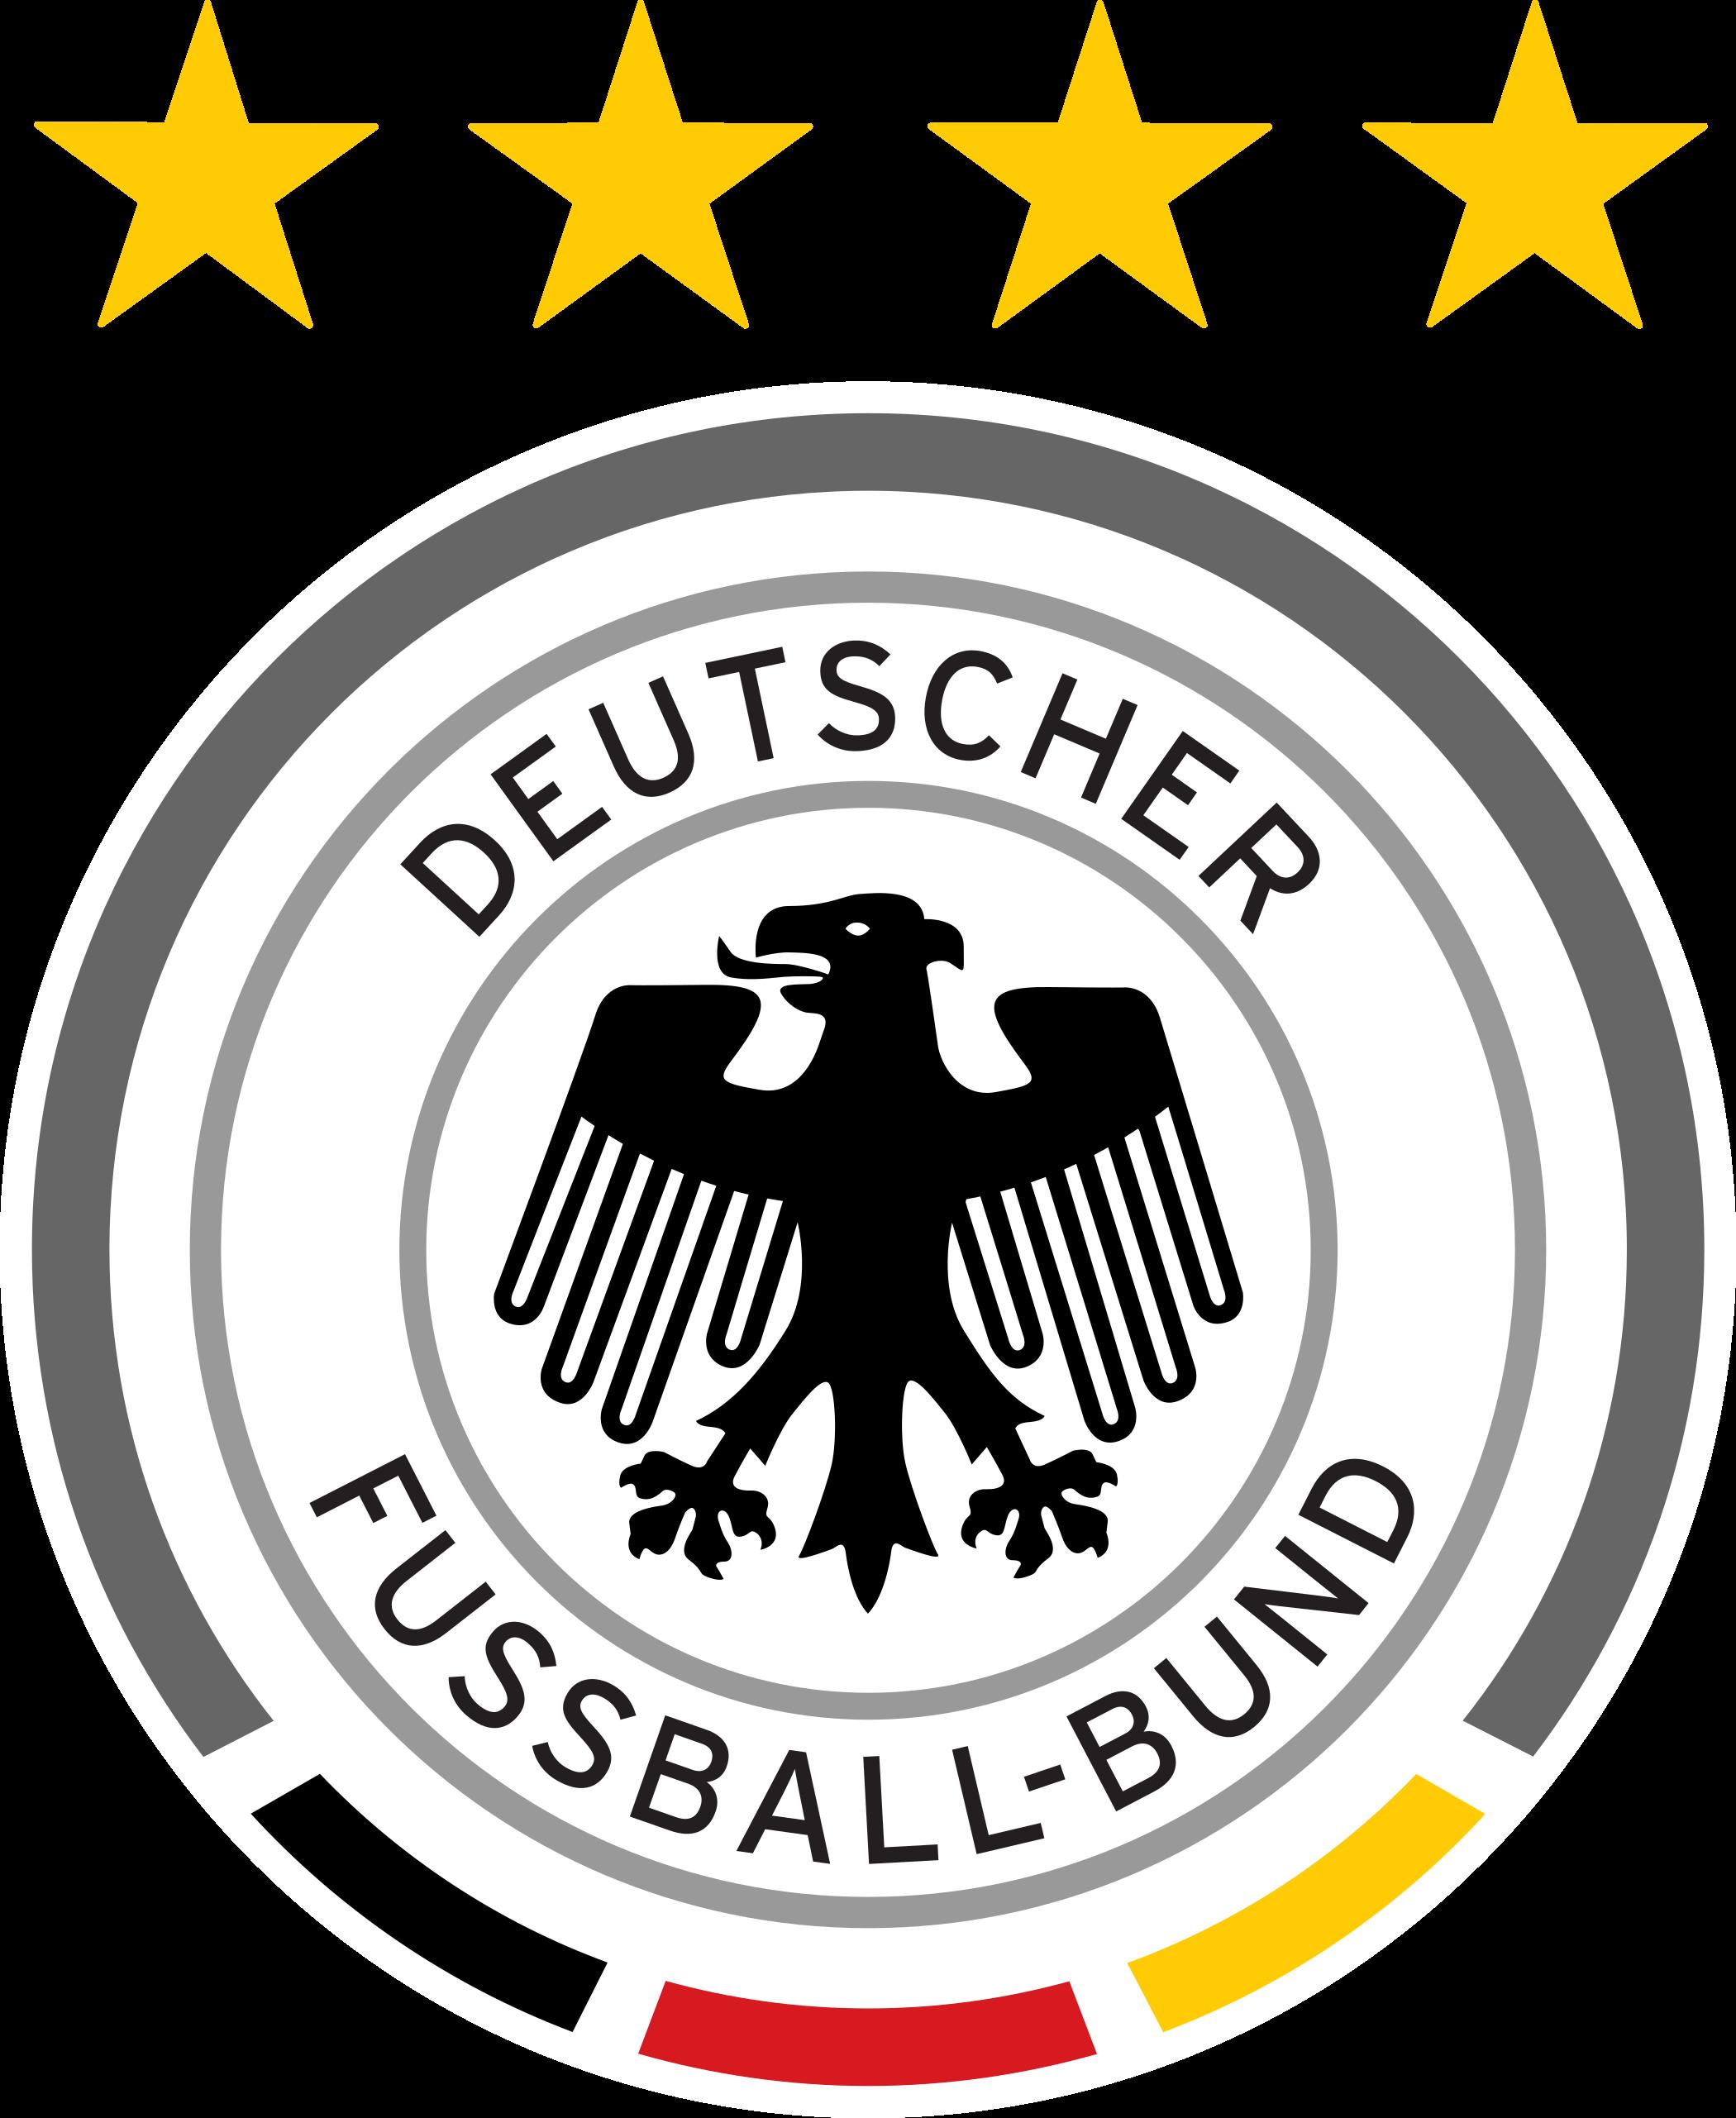 selecao alemanha logo escudo 2 - Seleção da Alemanha Logo - Escudo